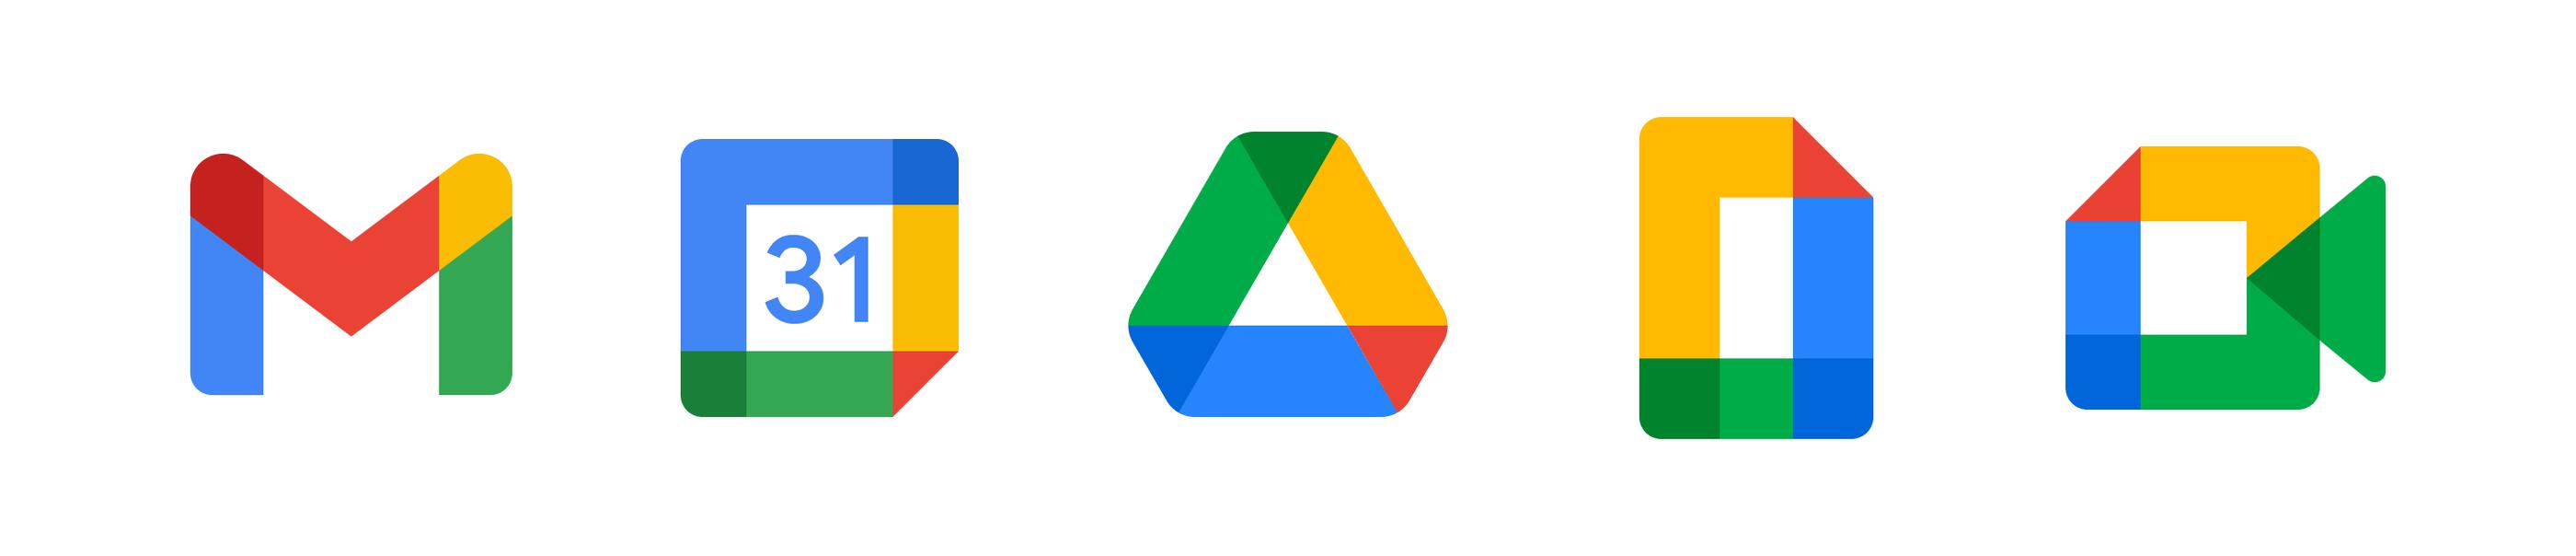 L'intérêt d'utiliser Google Drive